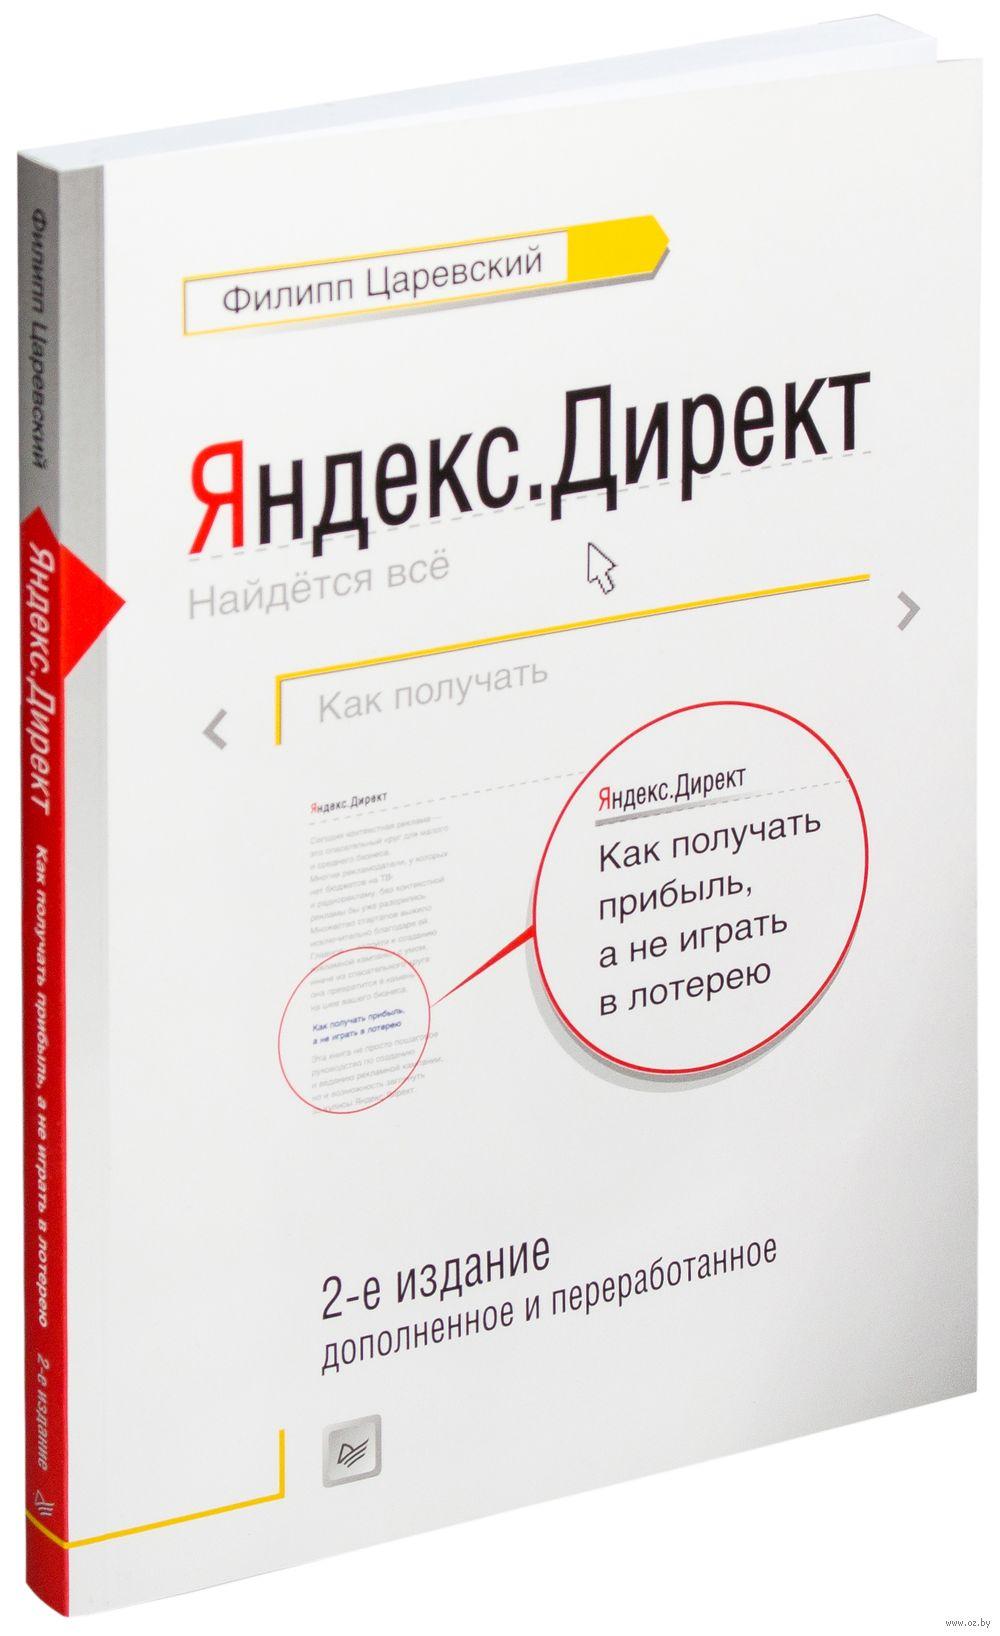 Яндекс директ как получать прибыль epub в браузере всплывает реклама вулкан